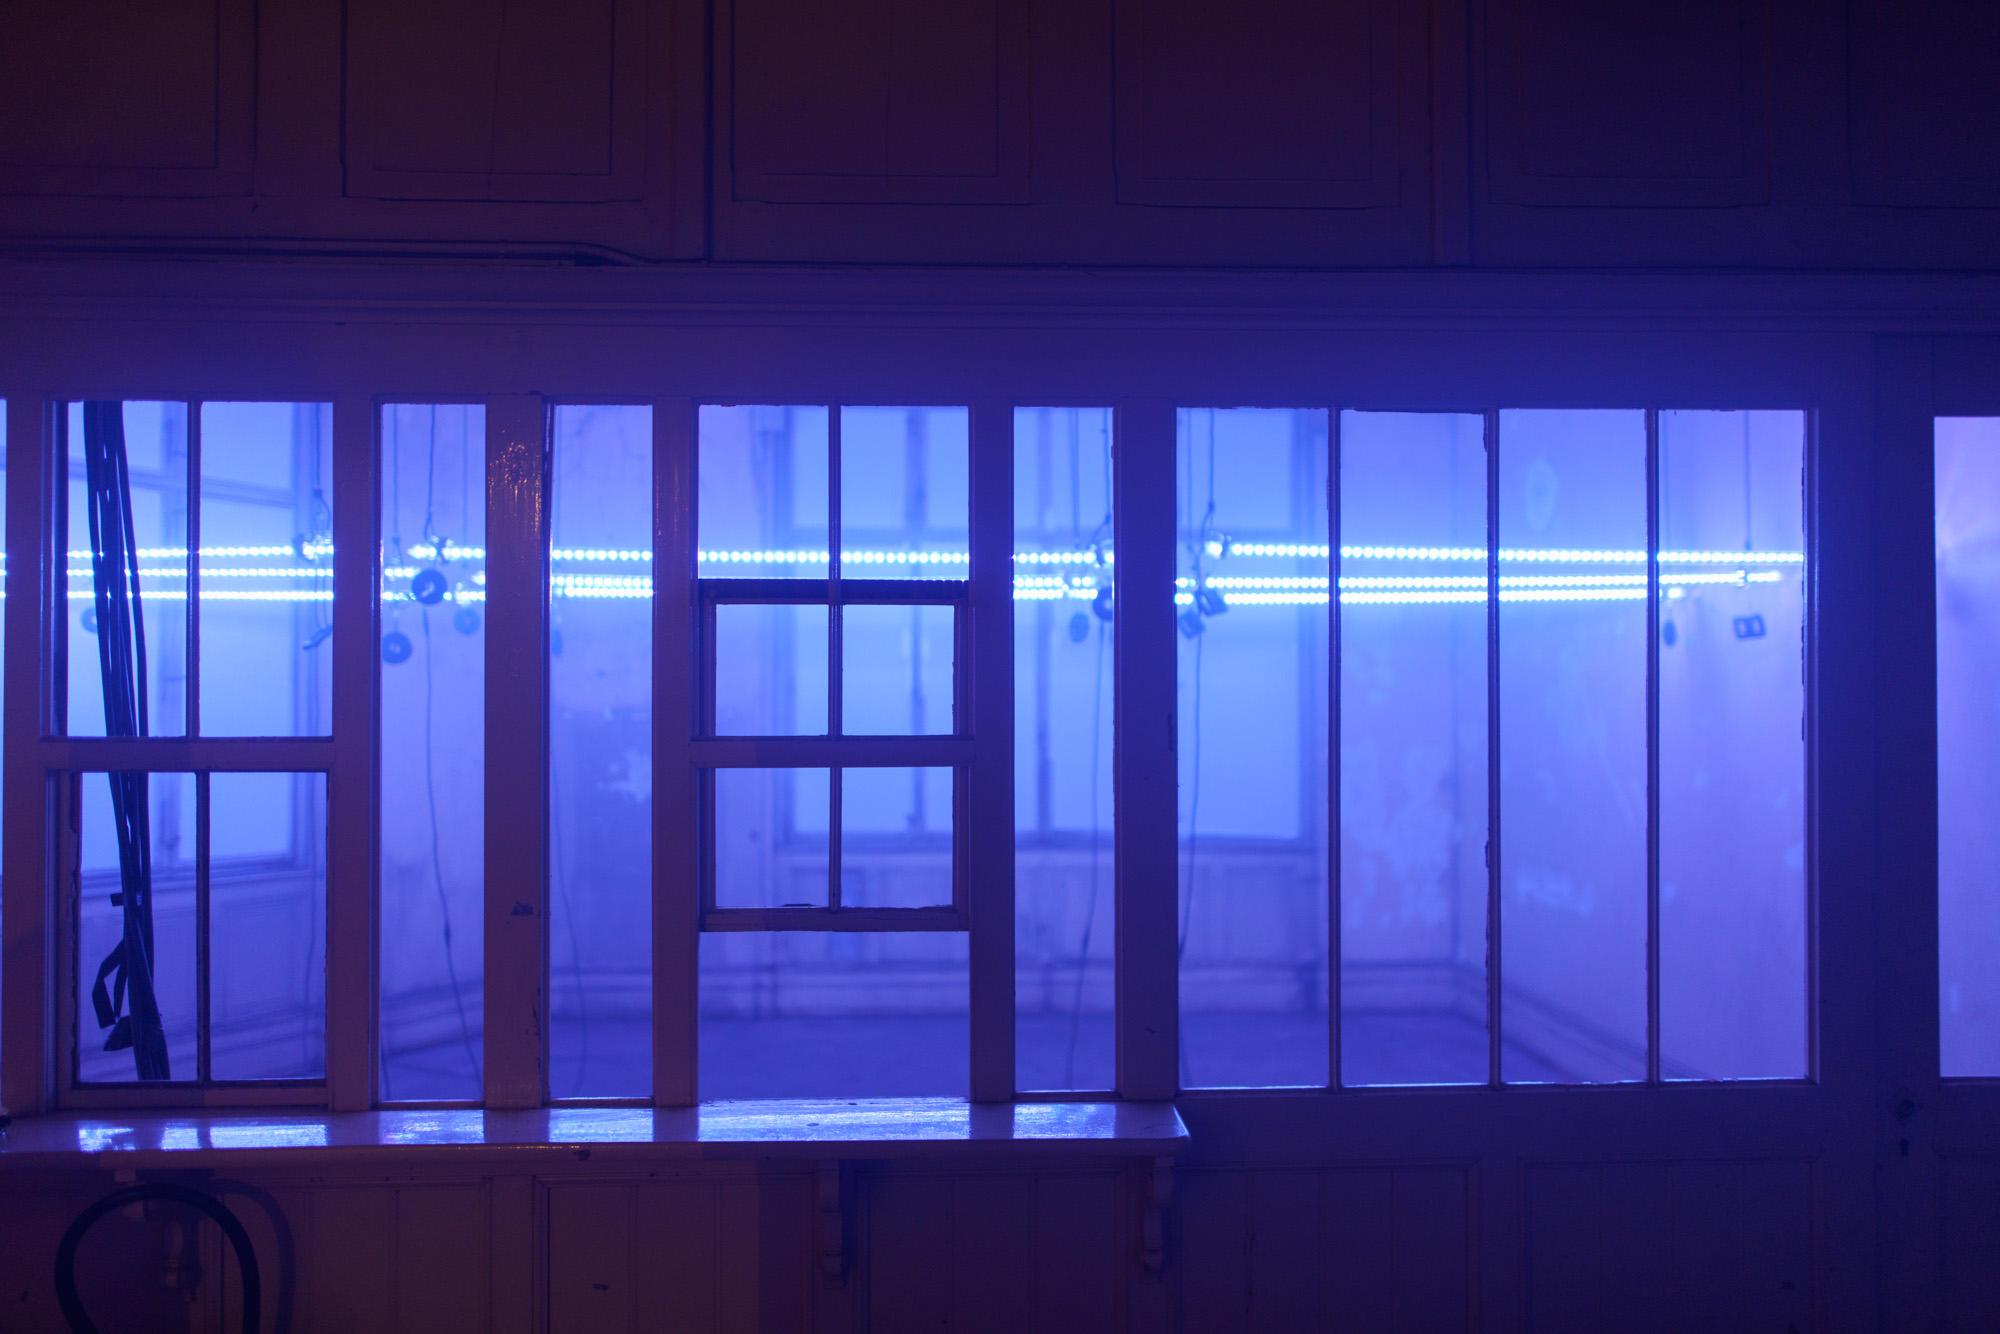 15-12-04 AV Exciters - SelEstArt © Bartosch Salmanski - www.128db.fr 0012